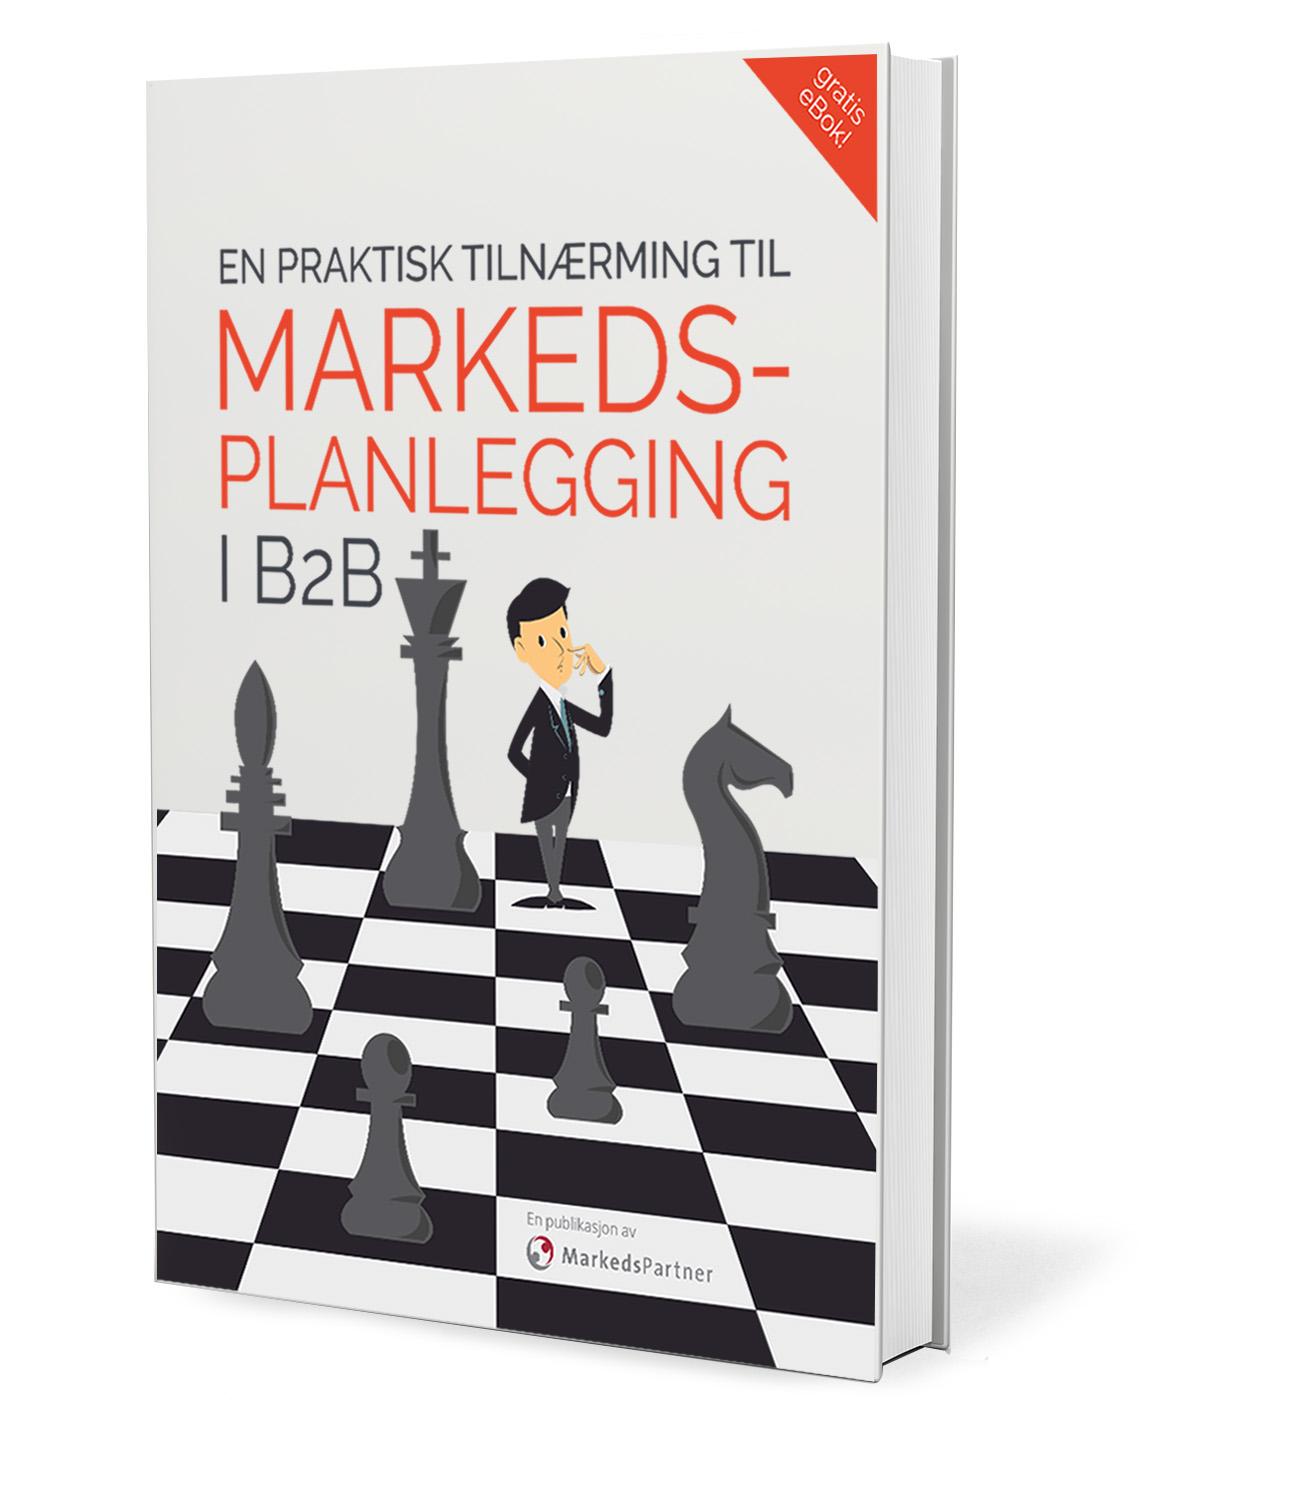 Last ned gratis e-bok om markedsplanlegging i B2B